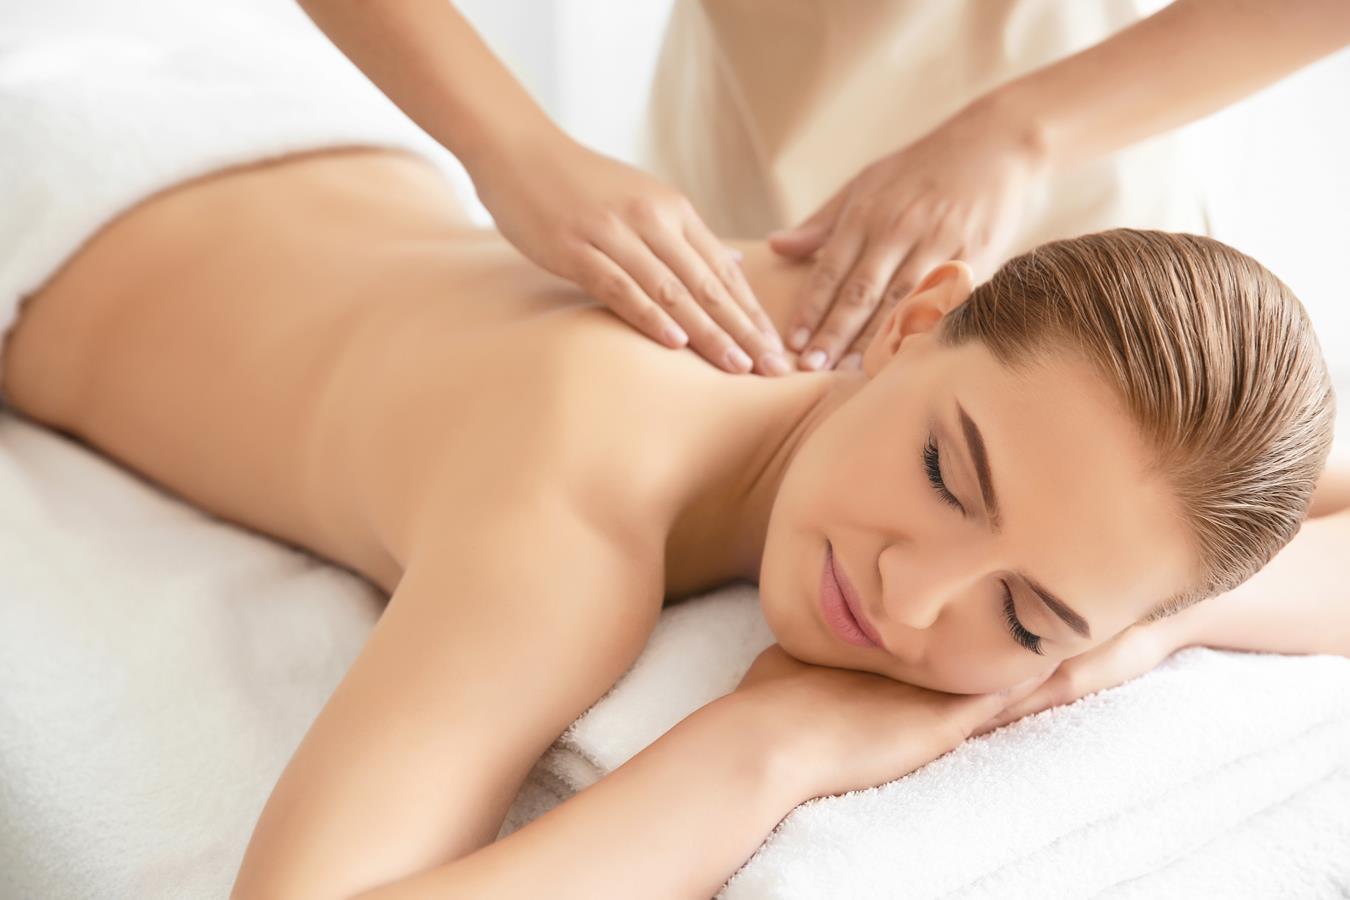 Integruotas masažas - viso kūno masažas - Biržai